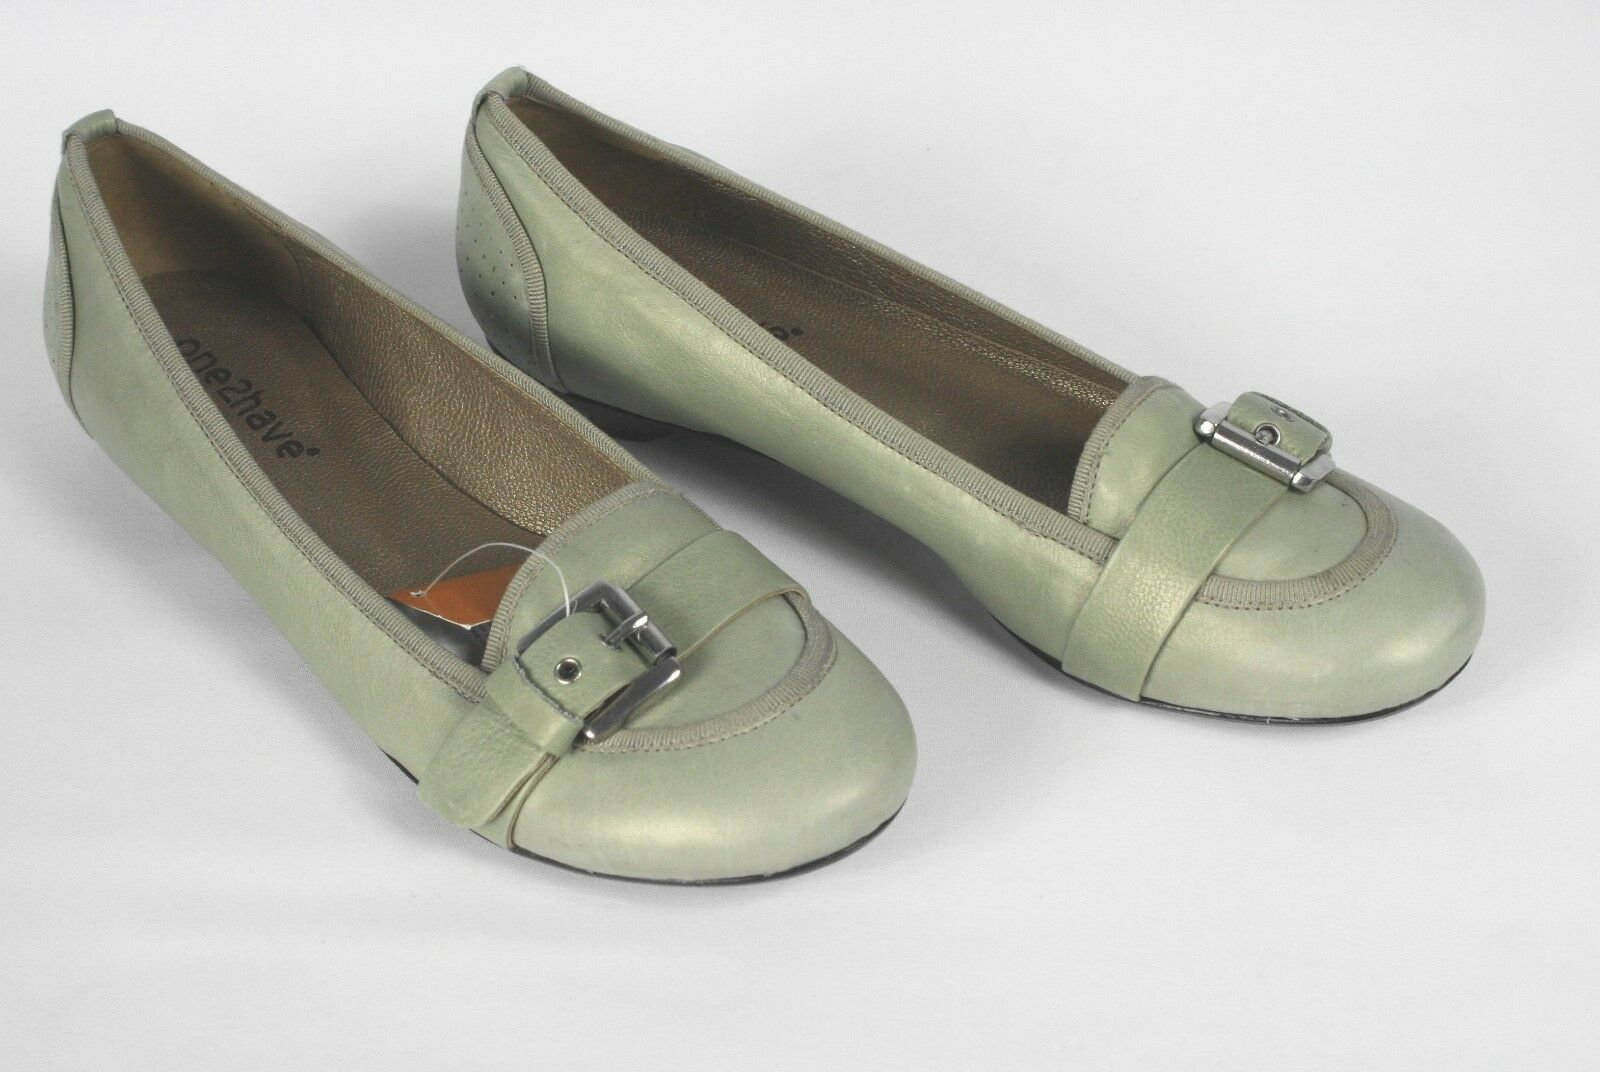 Loafer / Halbschuh grau-grün mit SchnalleGr. 40 1/2 Echtleder one2have